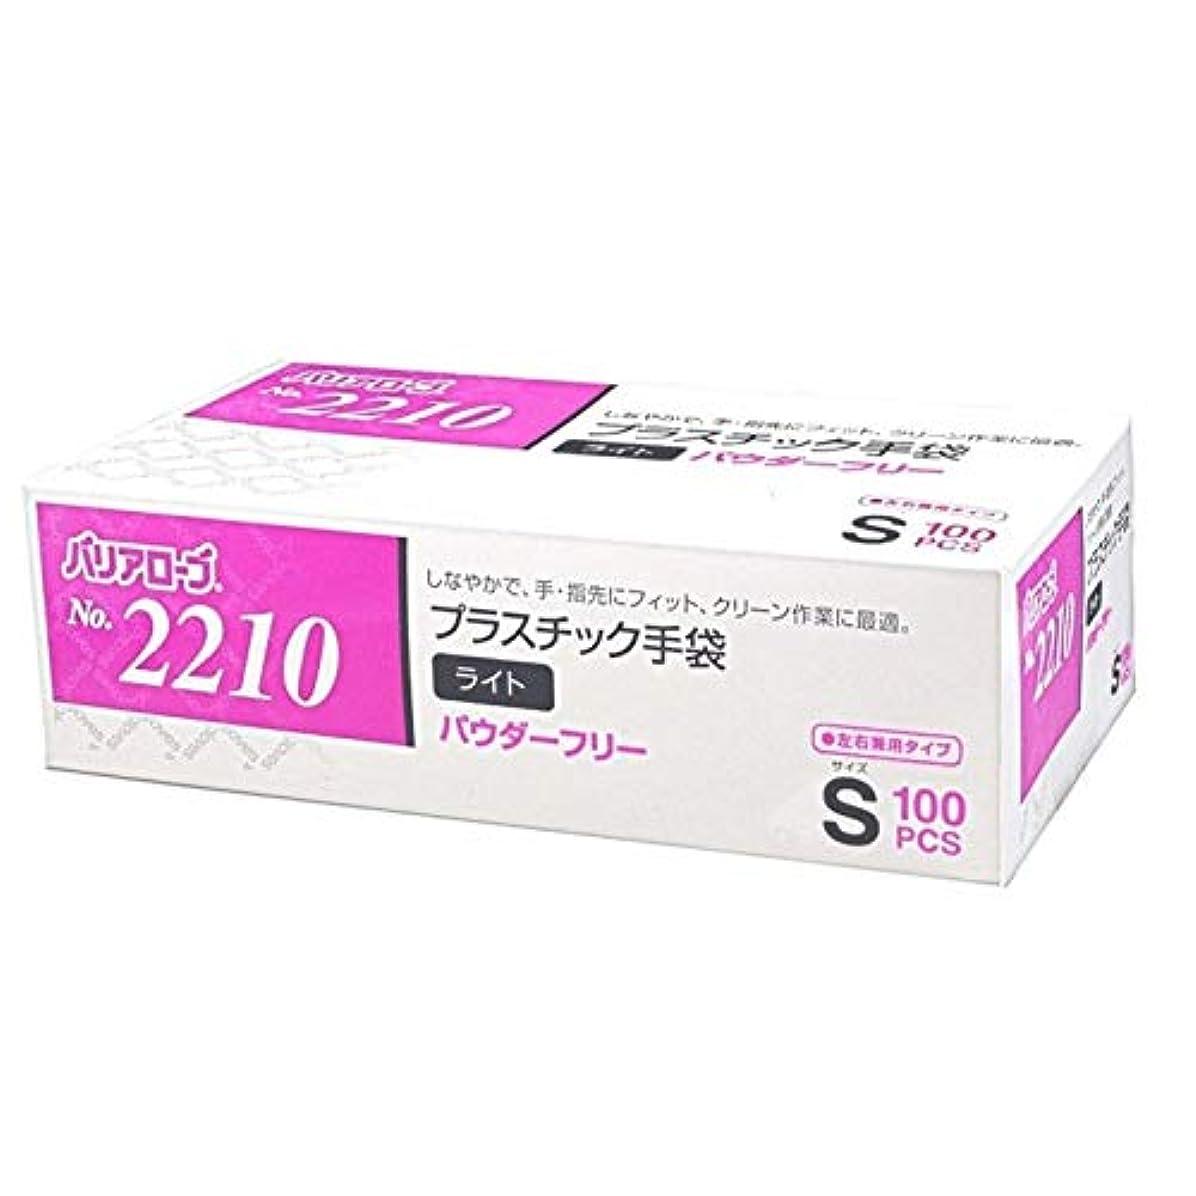 死すべきほかに盆地【ケース販売】 バリアローブ №2210 プラスチック手袋 ライト (パウダーフリー) S 2000枚(100枚×20箱)